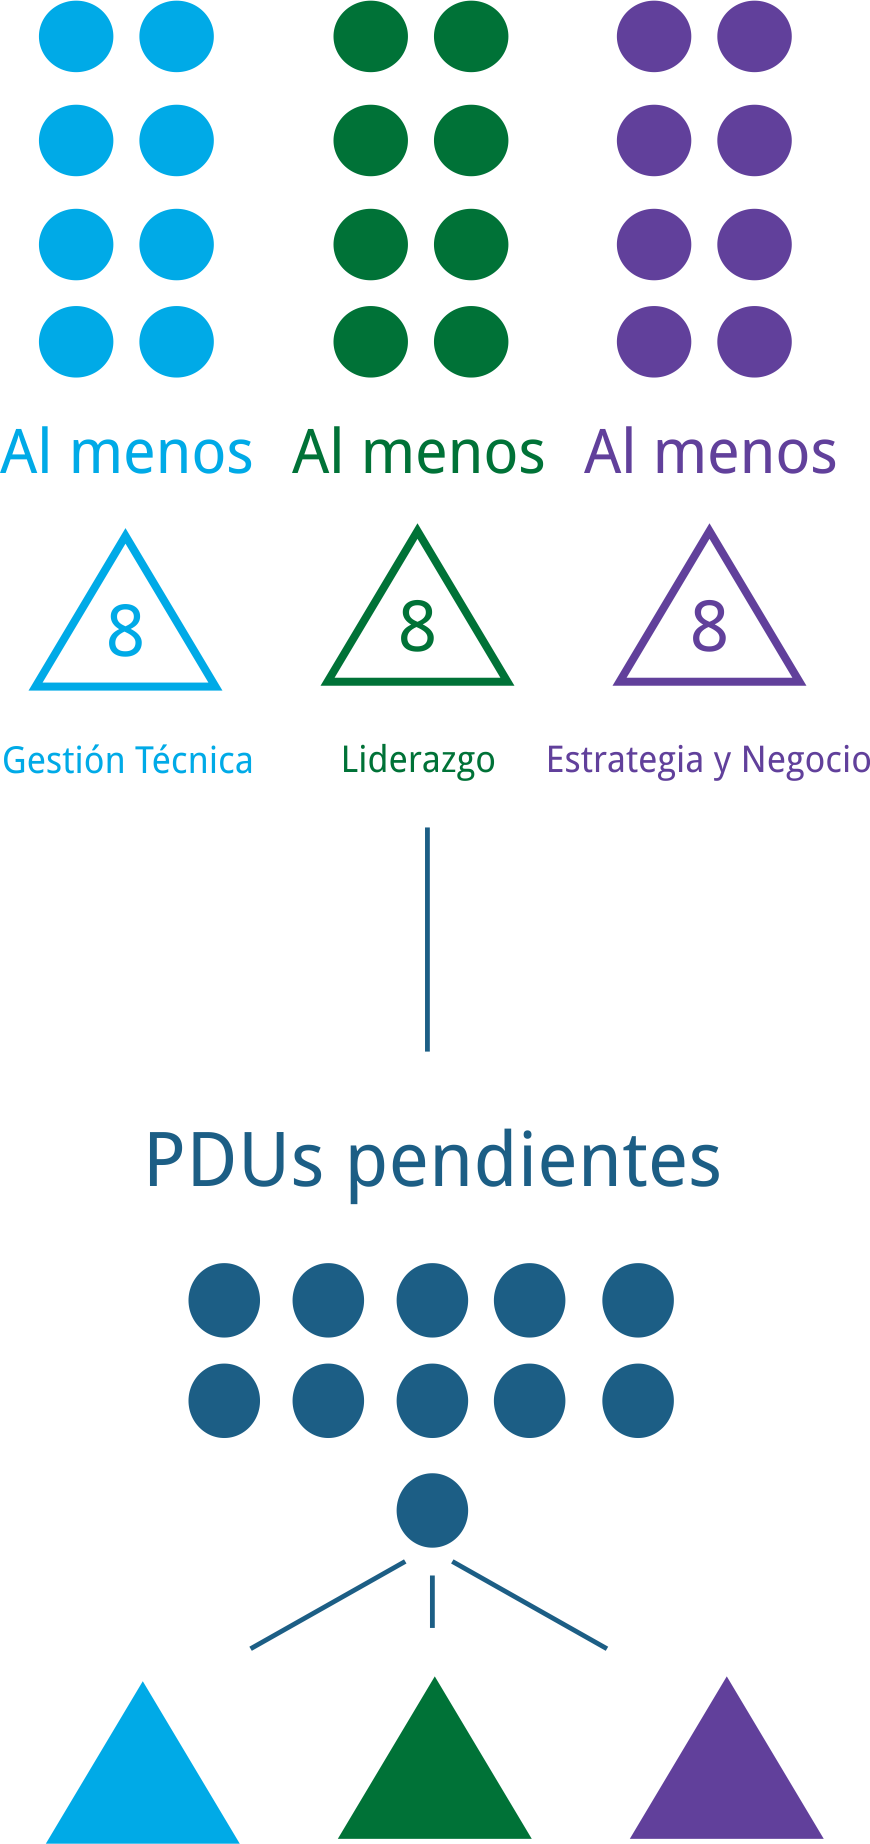 Representación de la obtención de PDUs